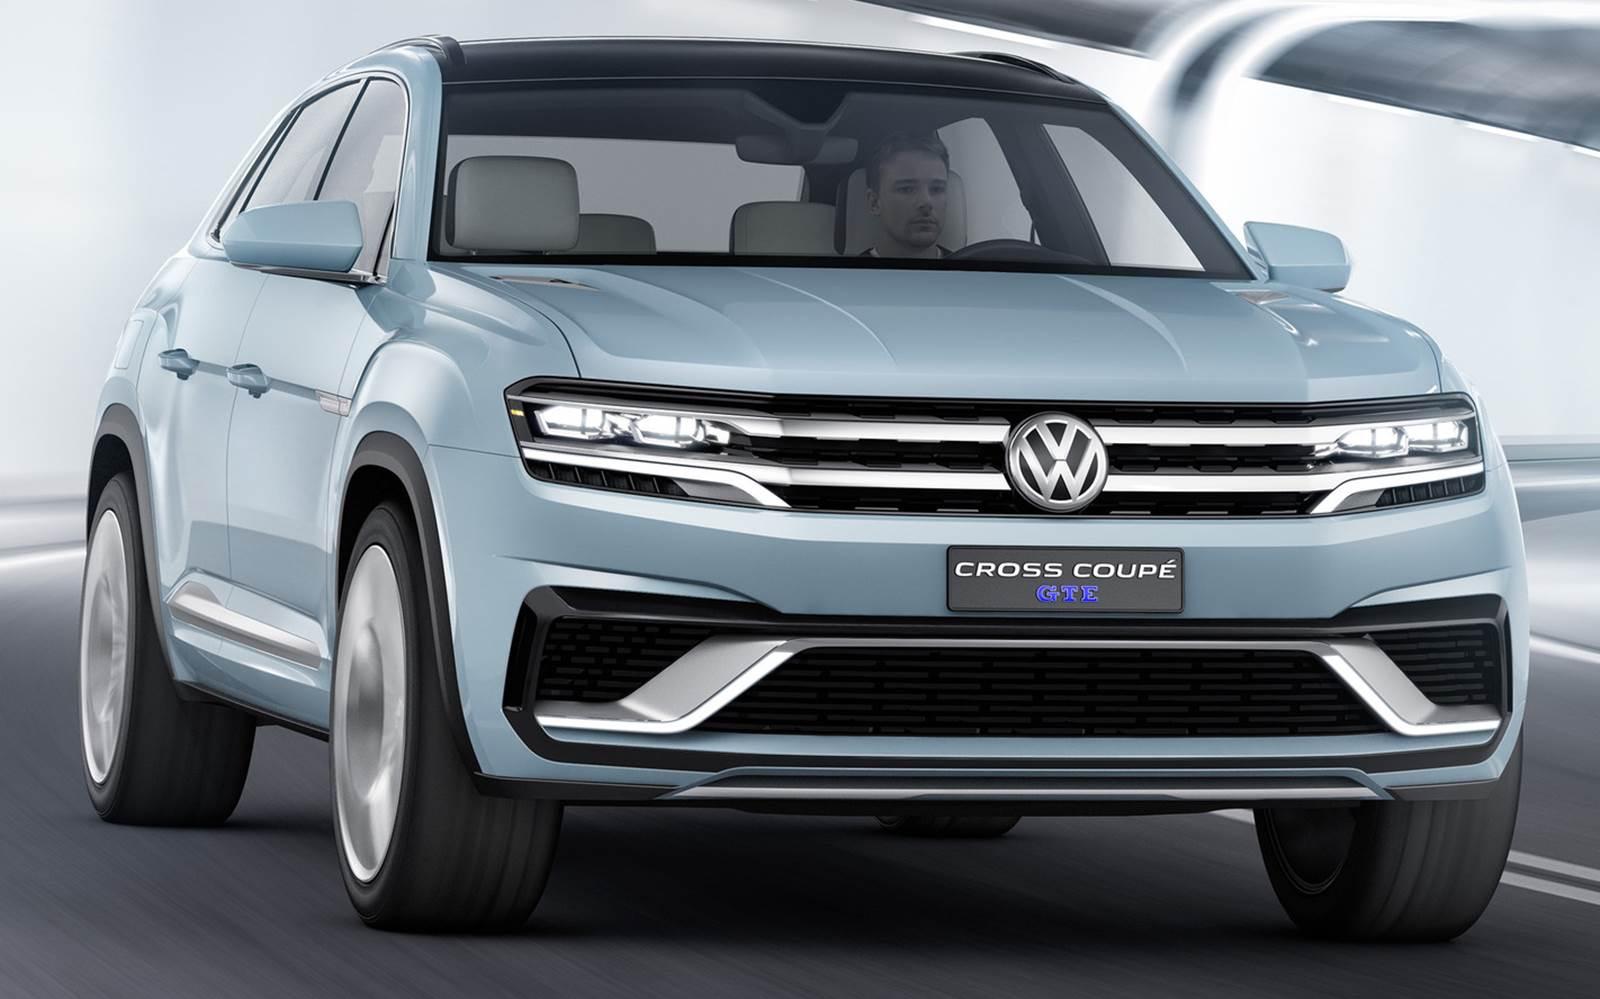 Volkswagen Cross Coup 233 Gte Antecipa Linhas Do Golf Suv